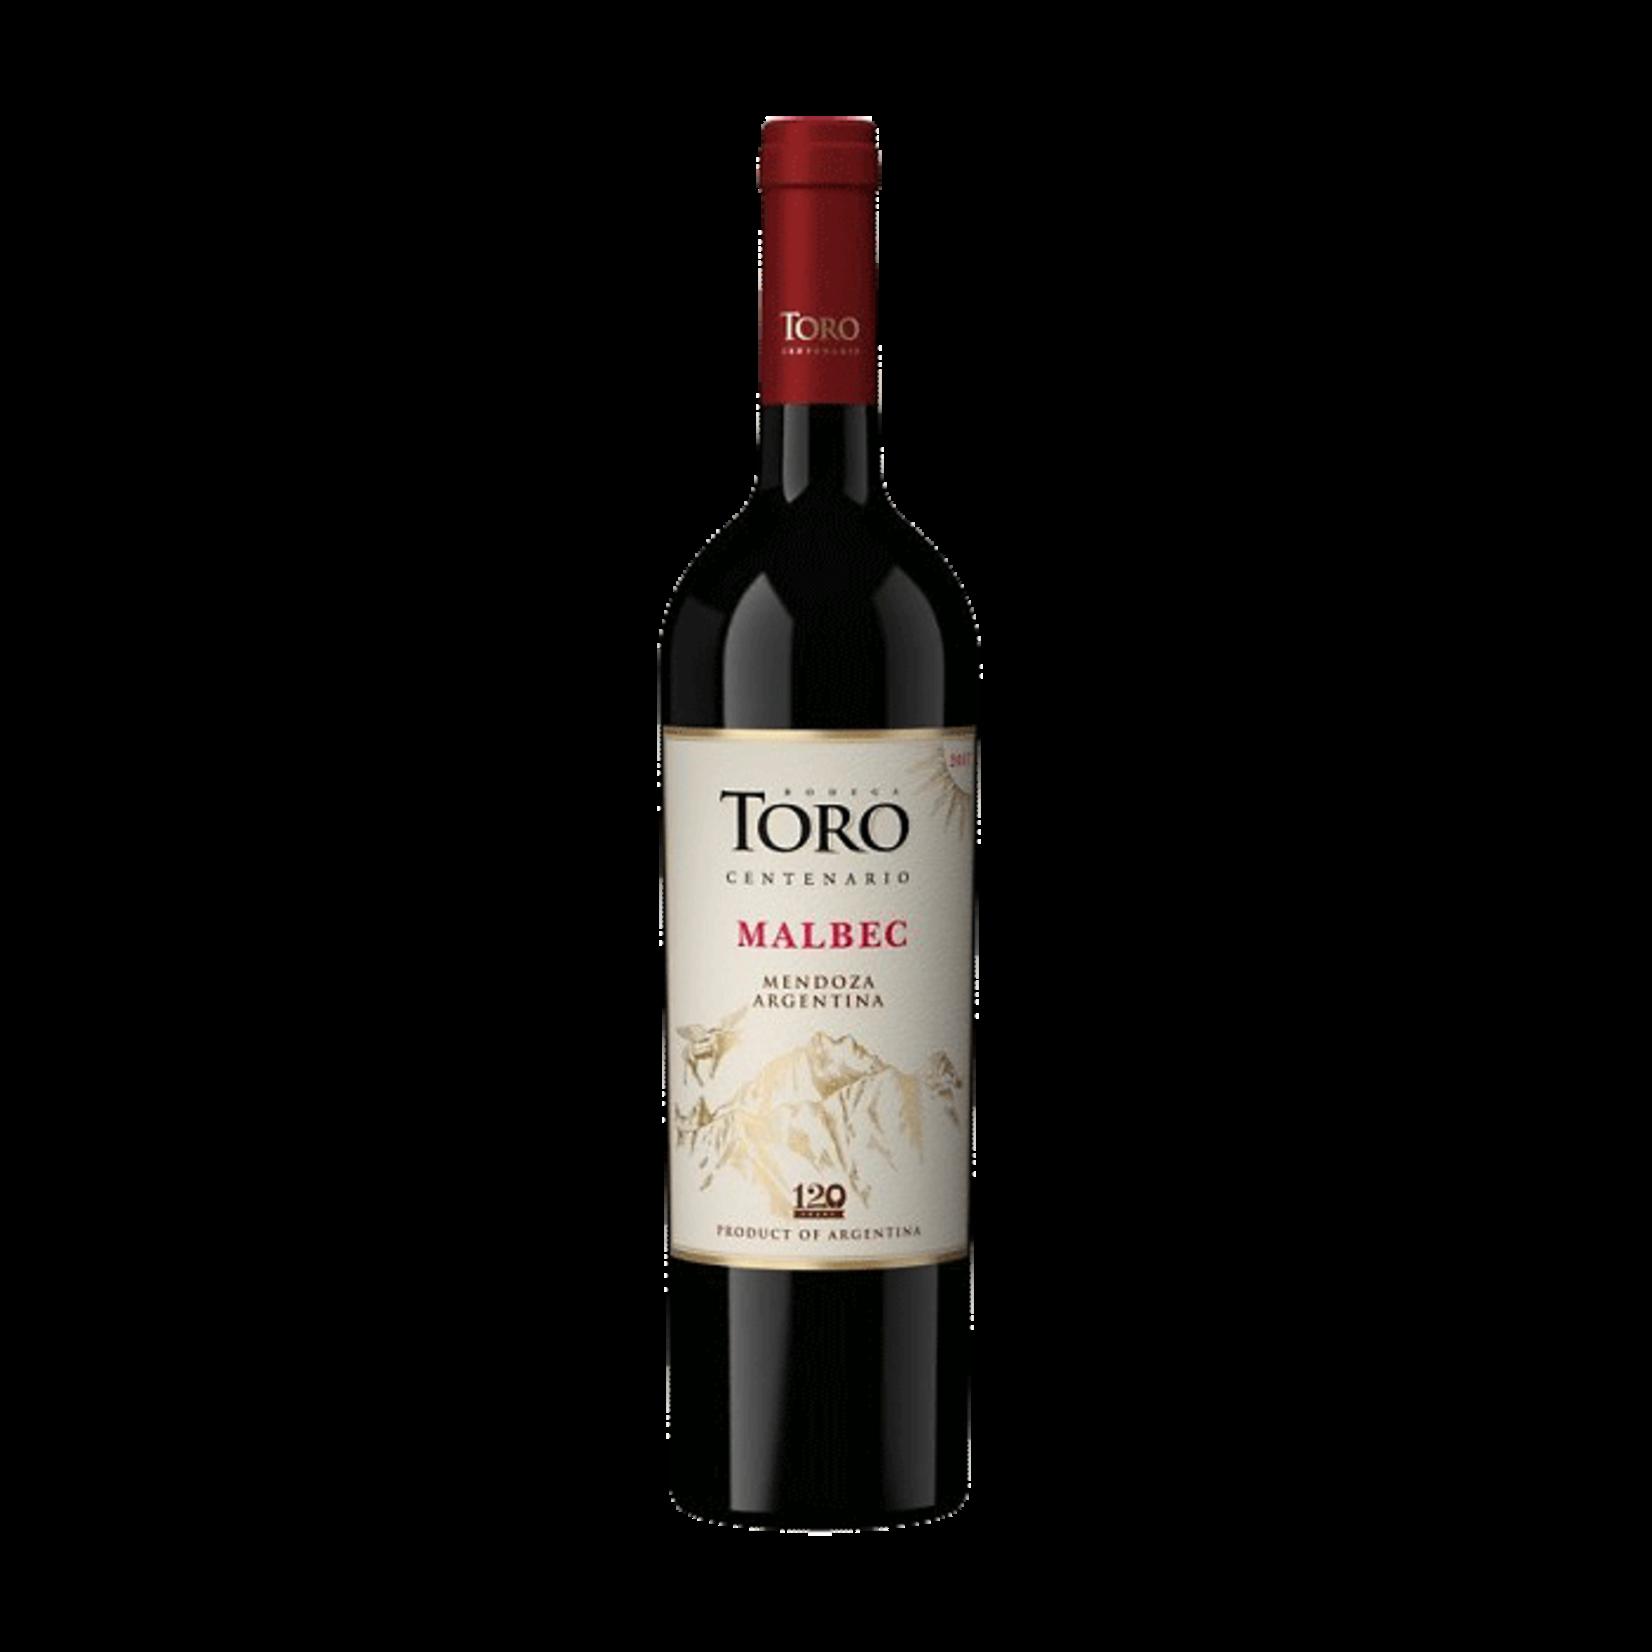 Wine Bodega Toro Centenario Malbec 2019